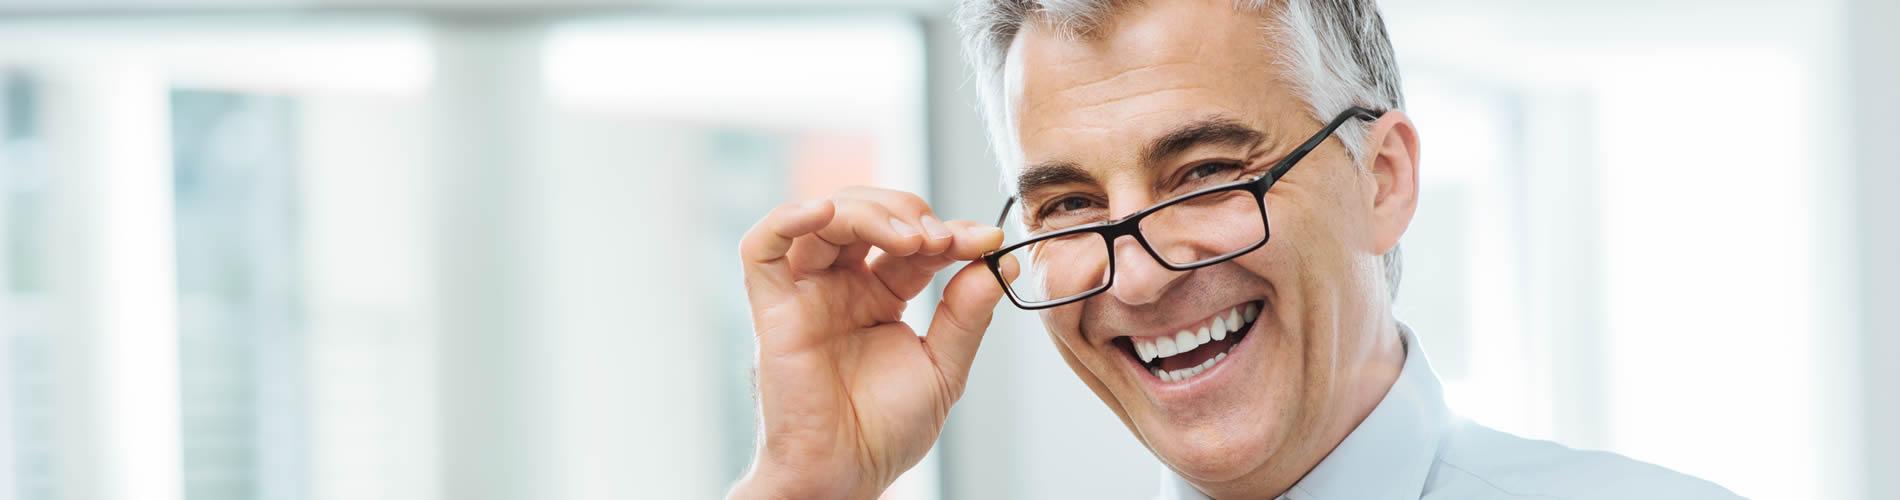 Mann mit Brille - Optik Zach Aschaffenburg